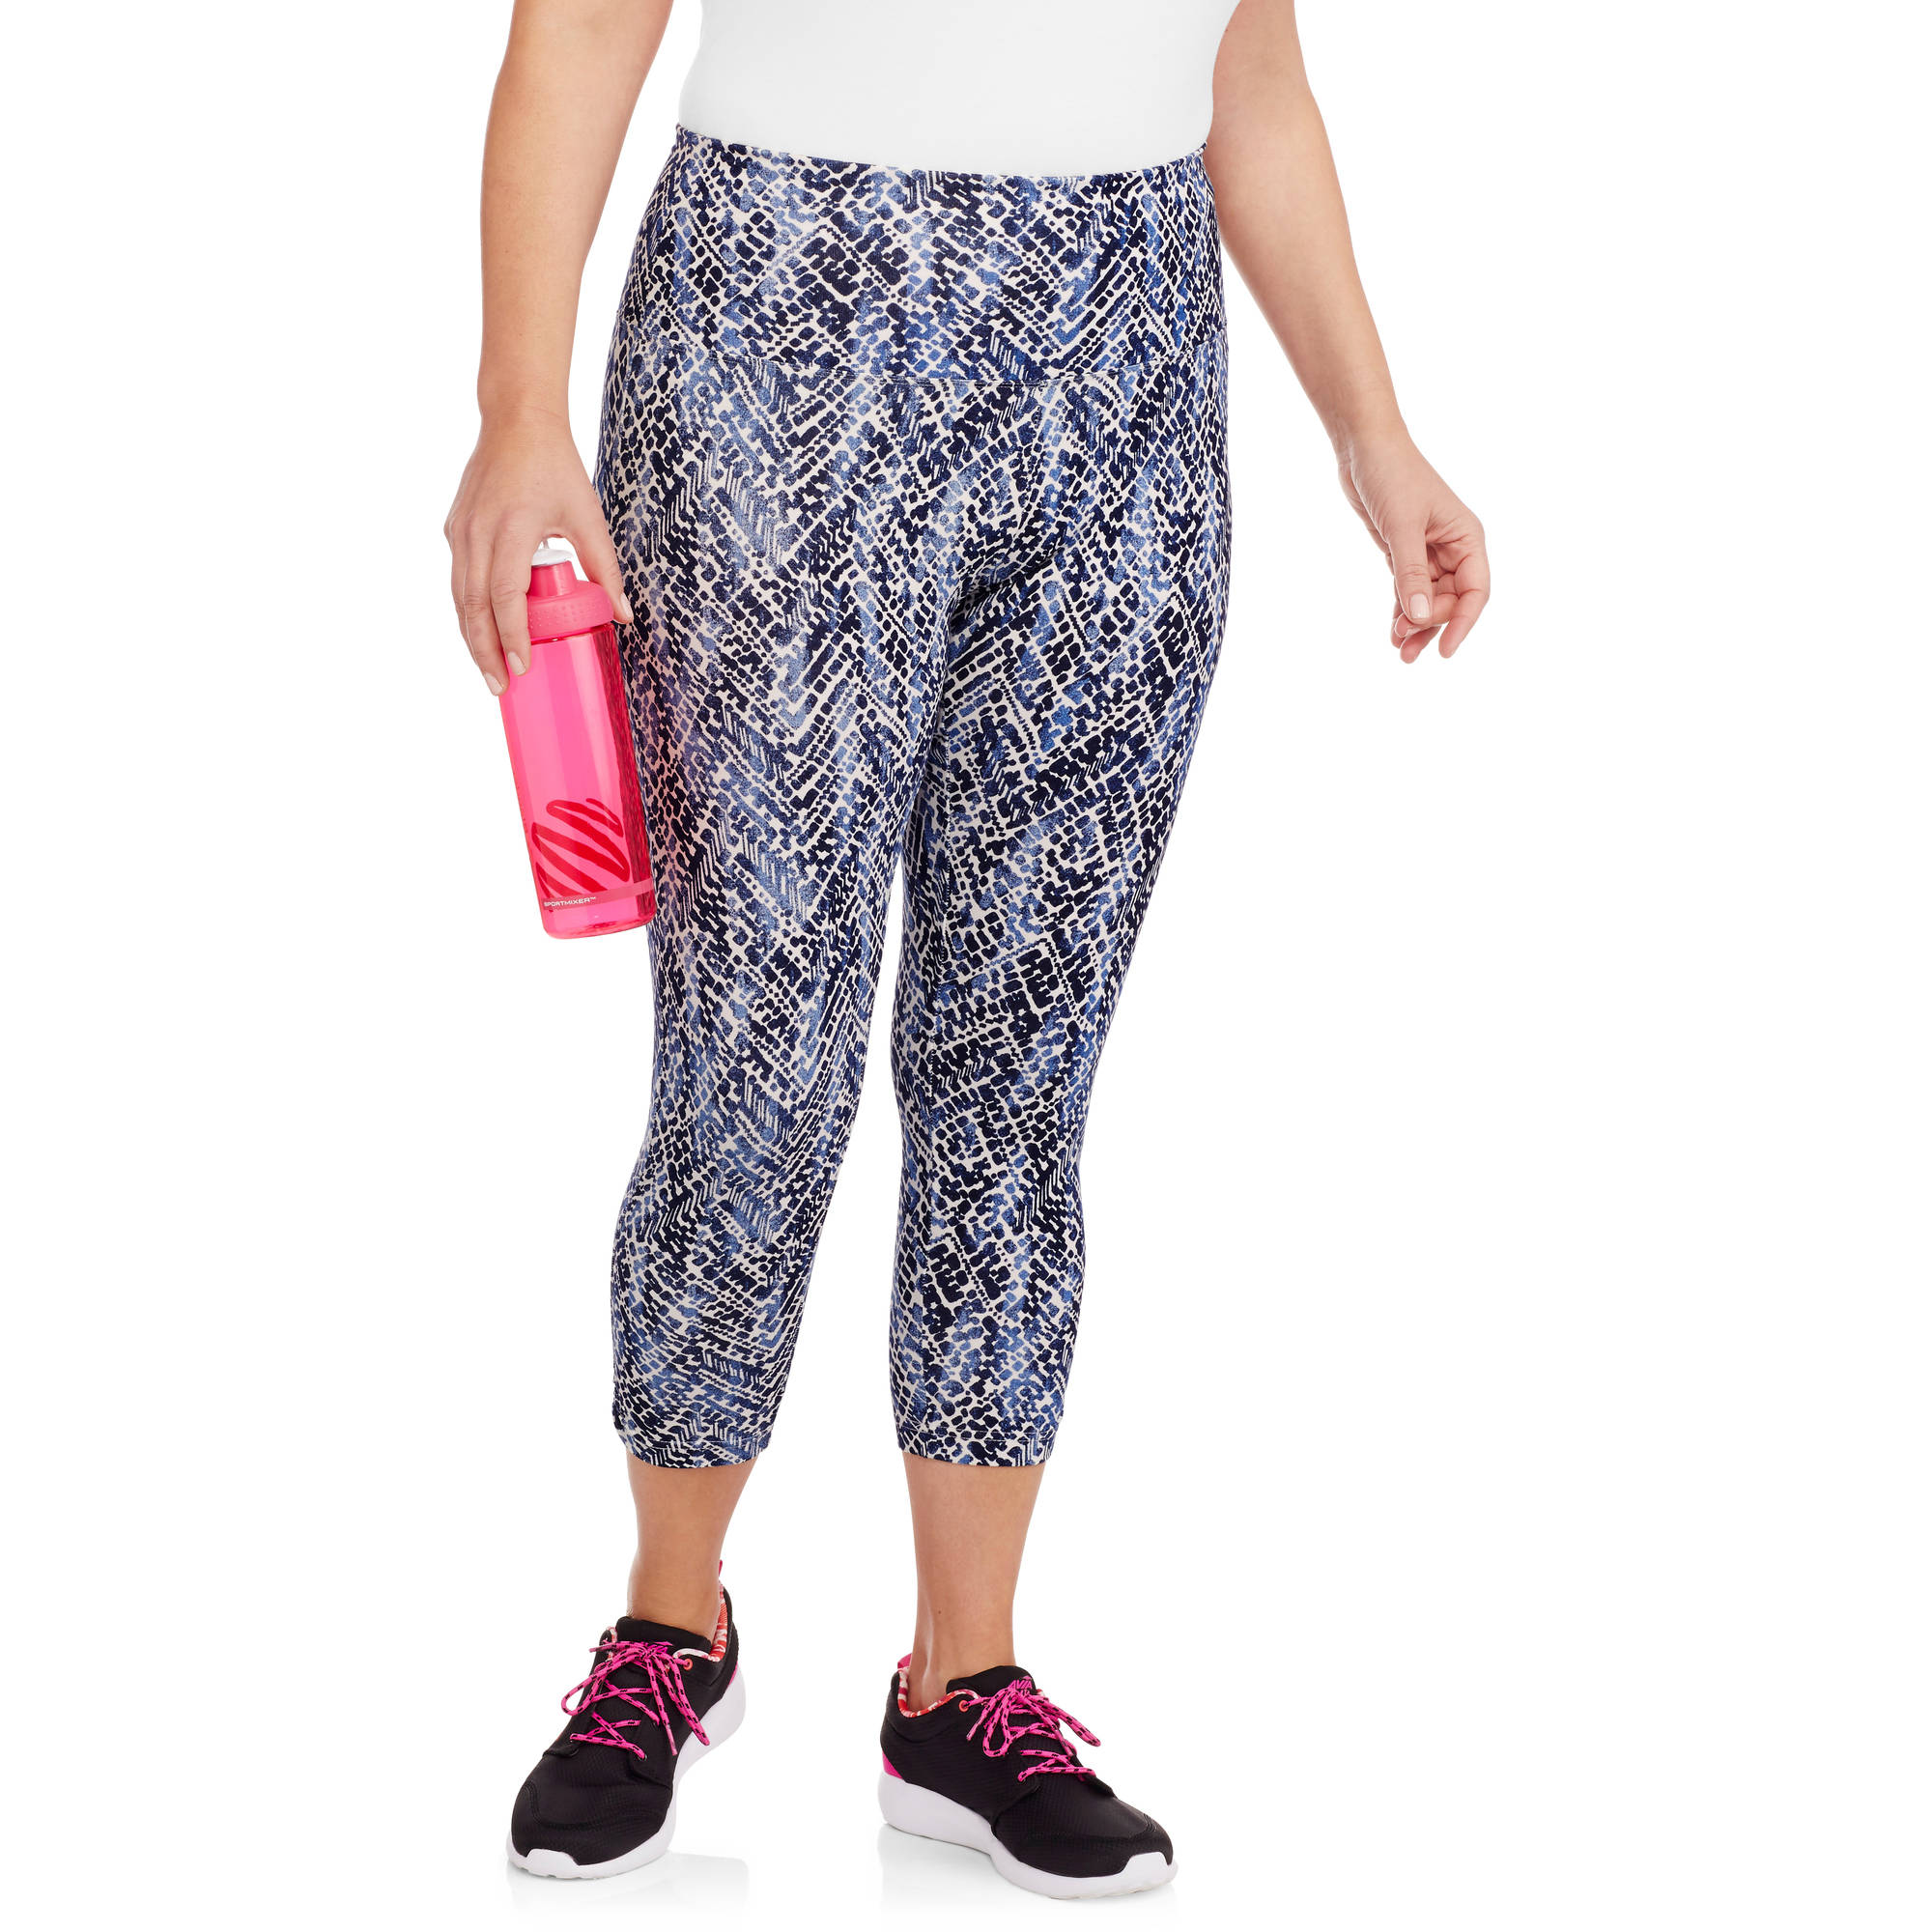 Women's Plus Printed Active Capri Pants